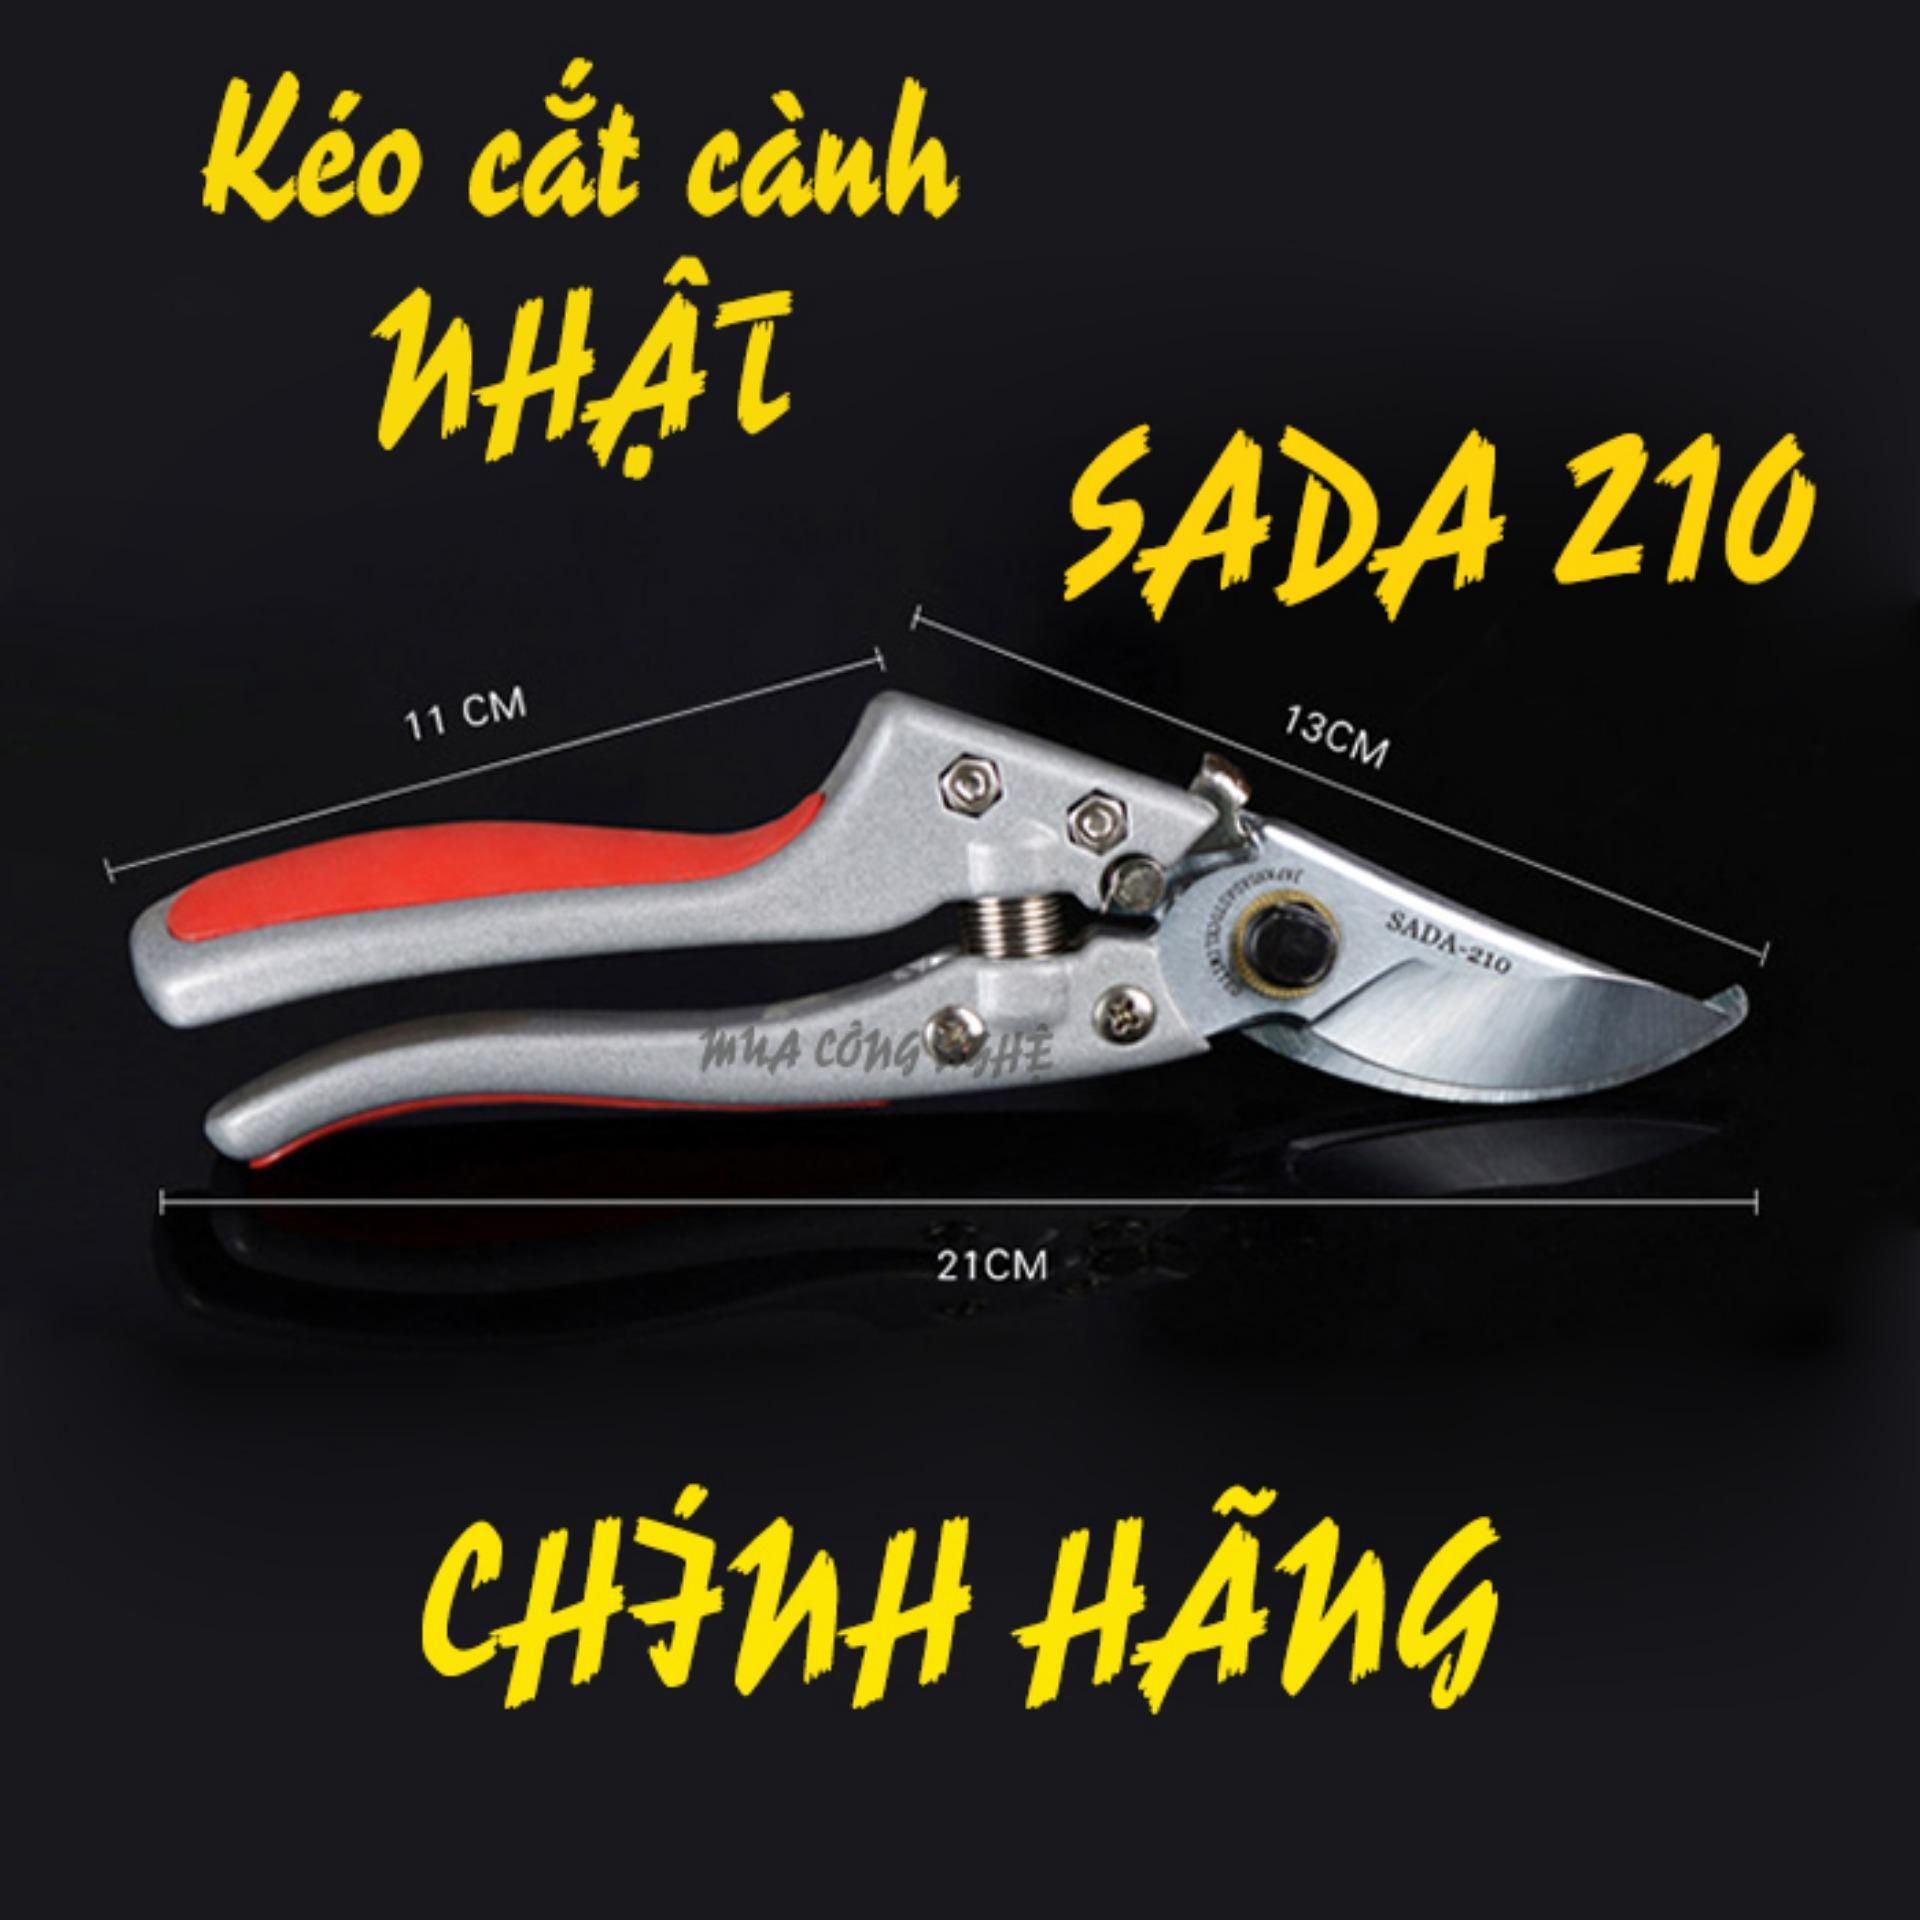 kéo  cắt cành mua  tại hà nội - Kéo ghép cành nhật bản  Sada 210